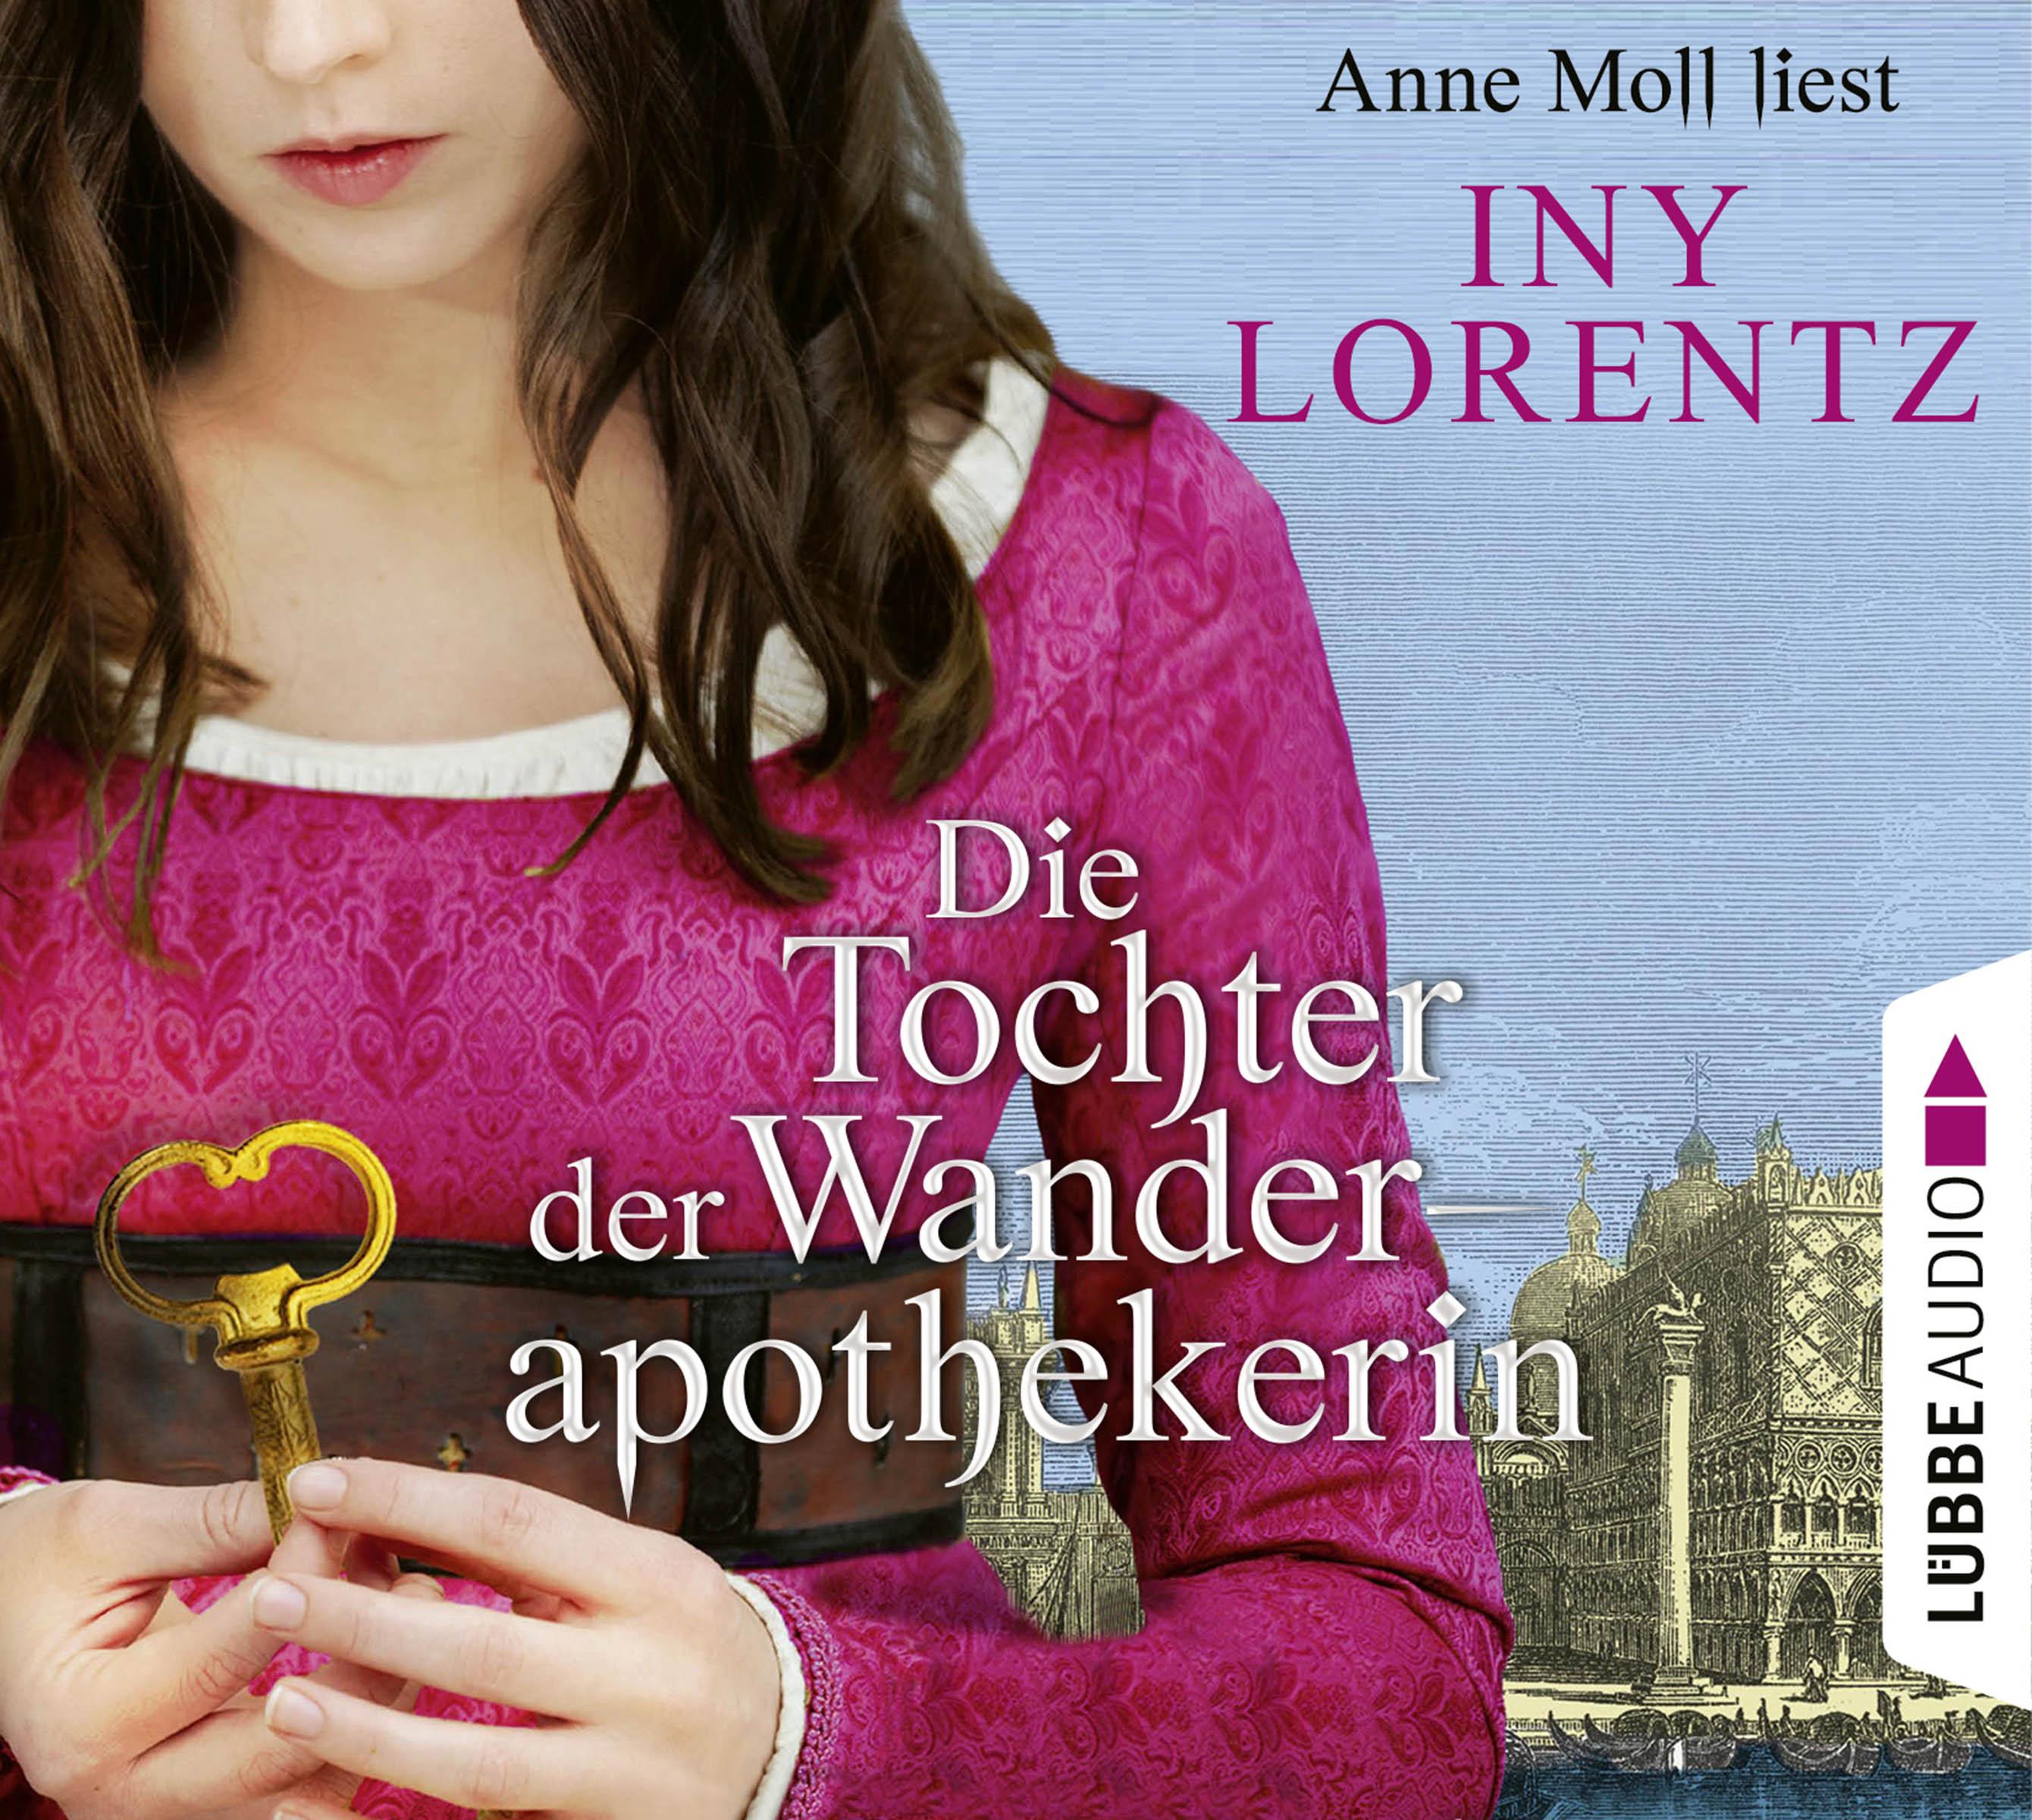 Iny Lorentz - Die Tochter der Wanderapothekerin